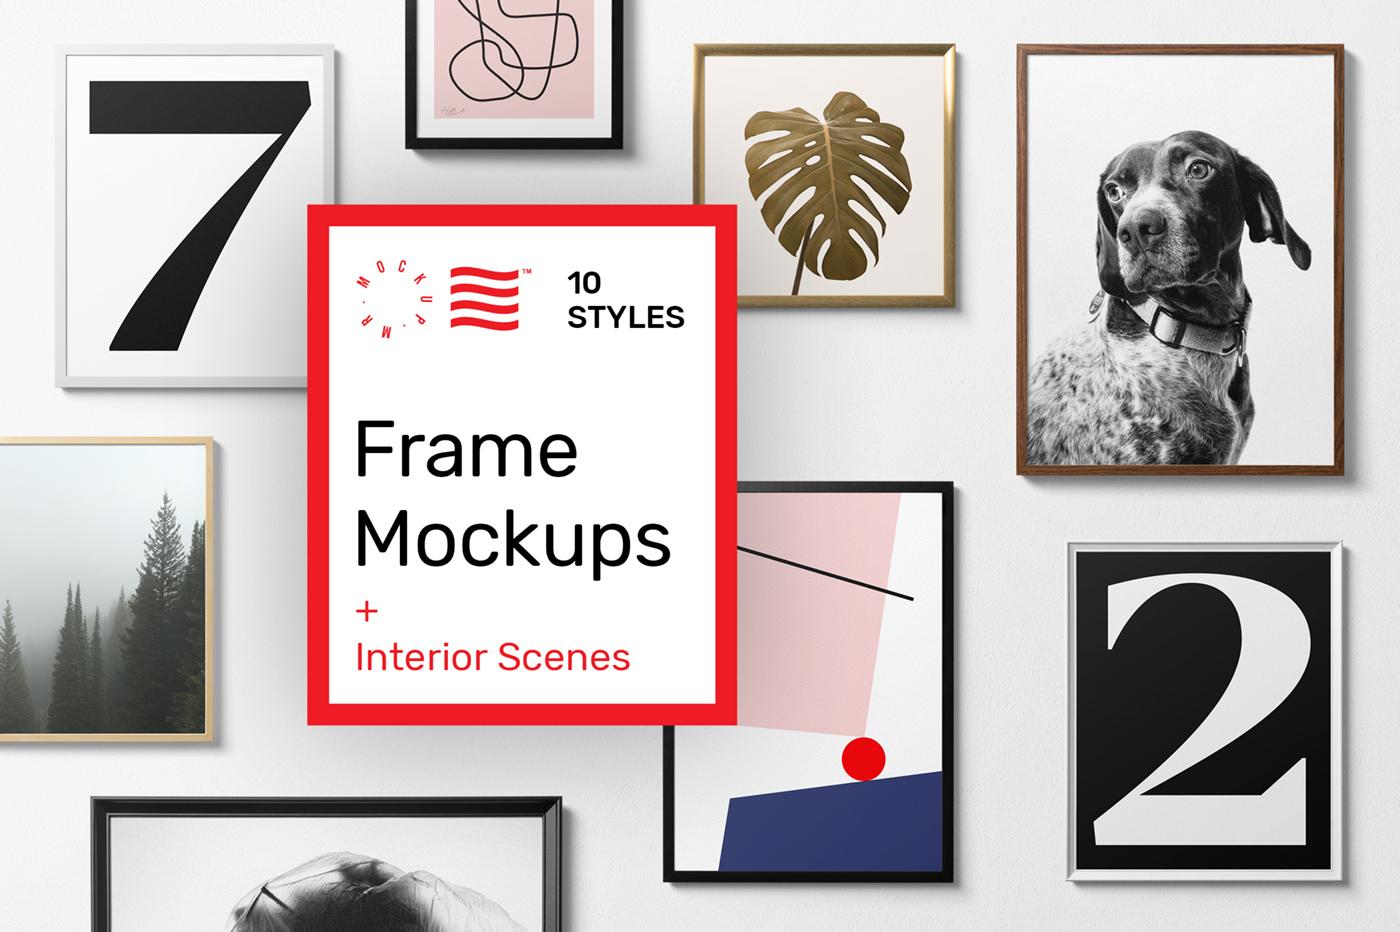 Frame Mockups